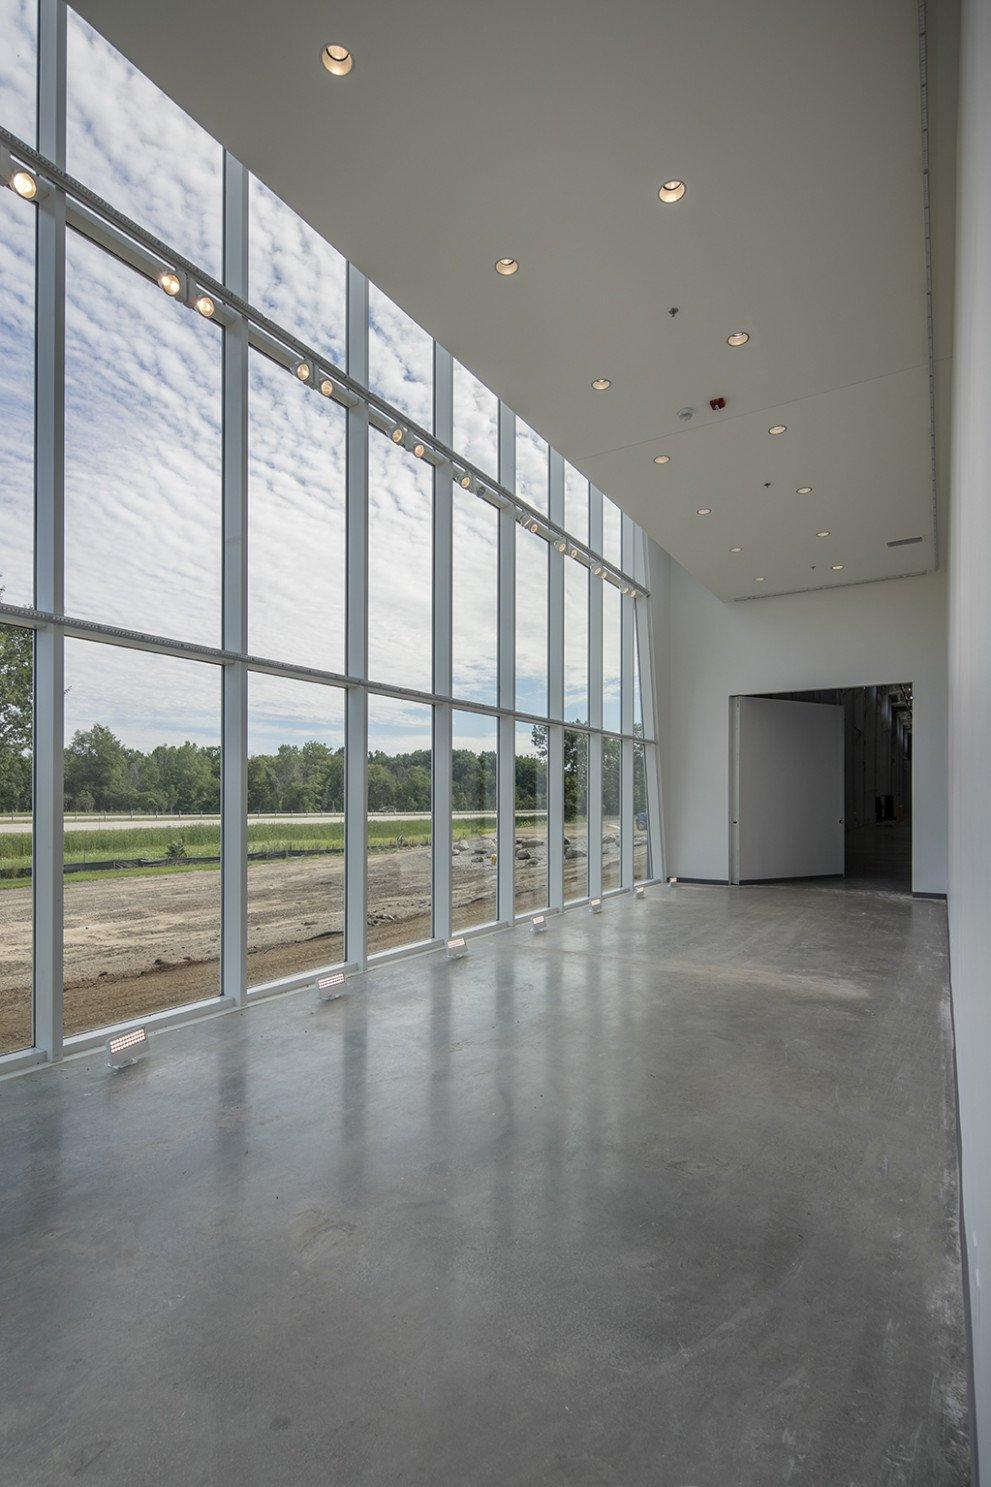 Lane Automotive glass enclosure